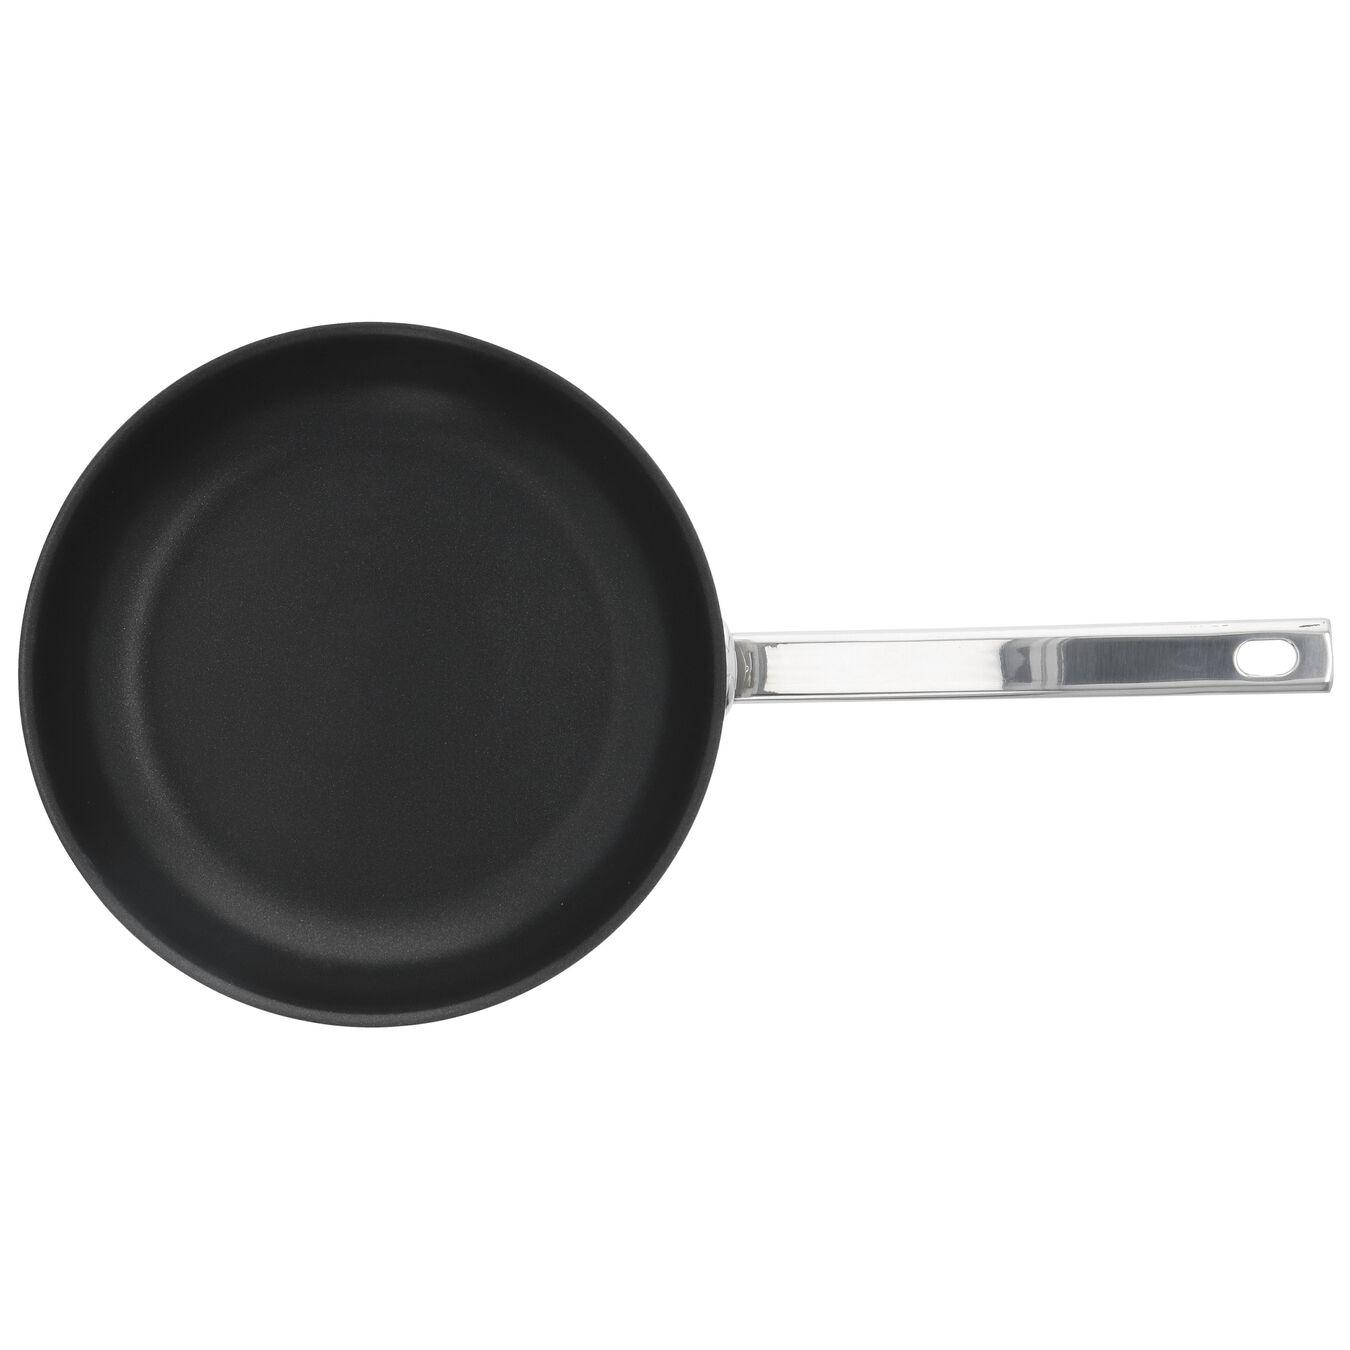 Poêle Argent-noir 24 cm,,large 2